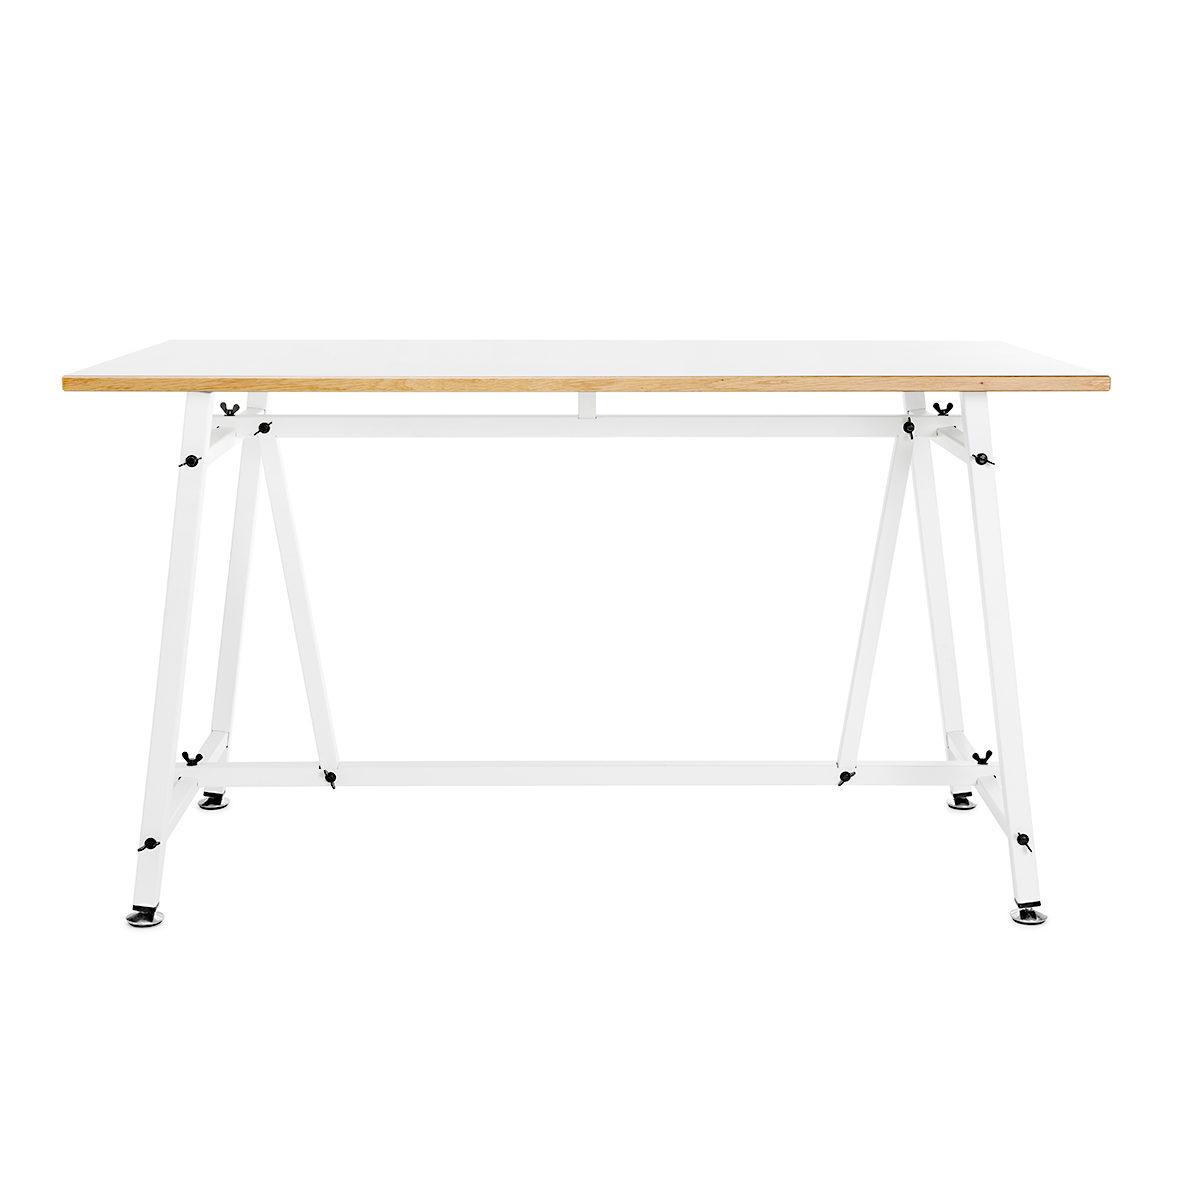 Ateliertisch Modell 4030 weisse Tischplatte von Embru